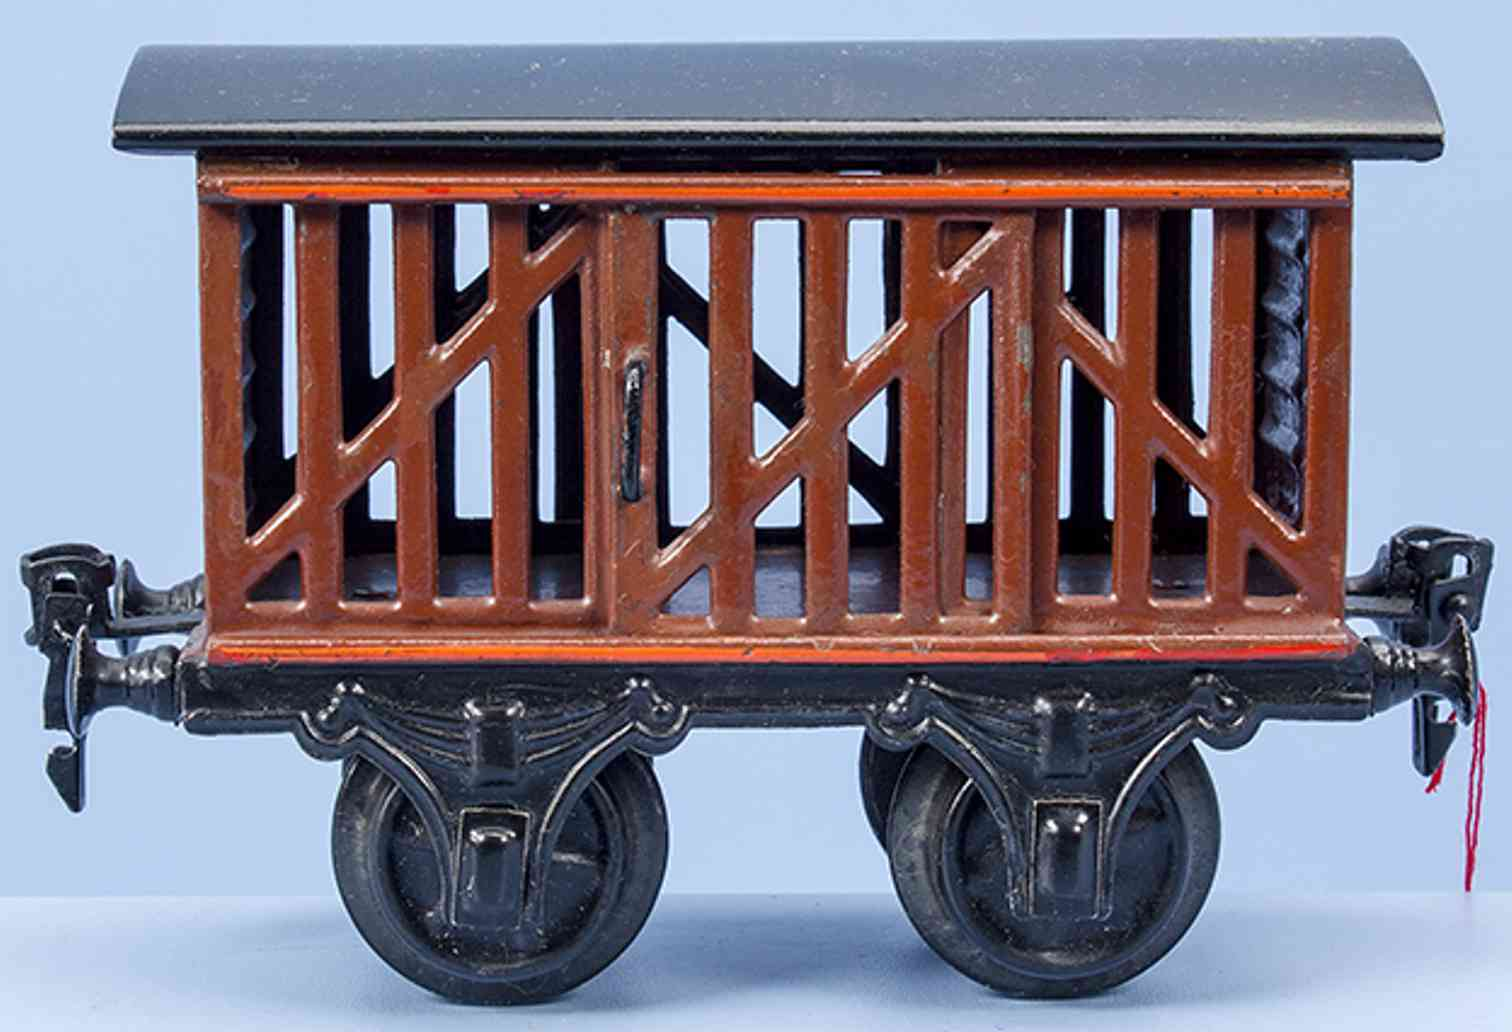 marklin maerklin 1809/1 braun 1905 railway toy fruit cart brown gauge 1